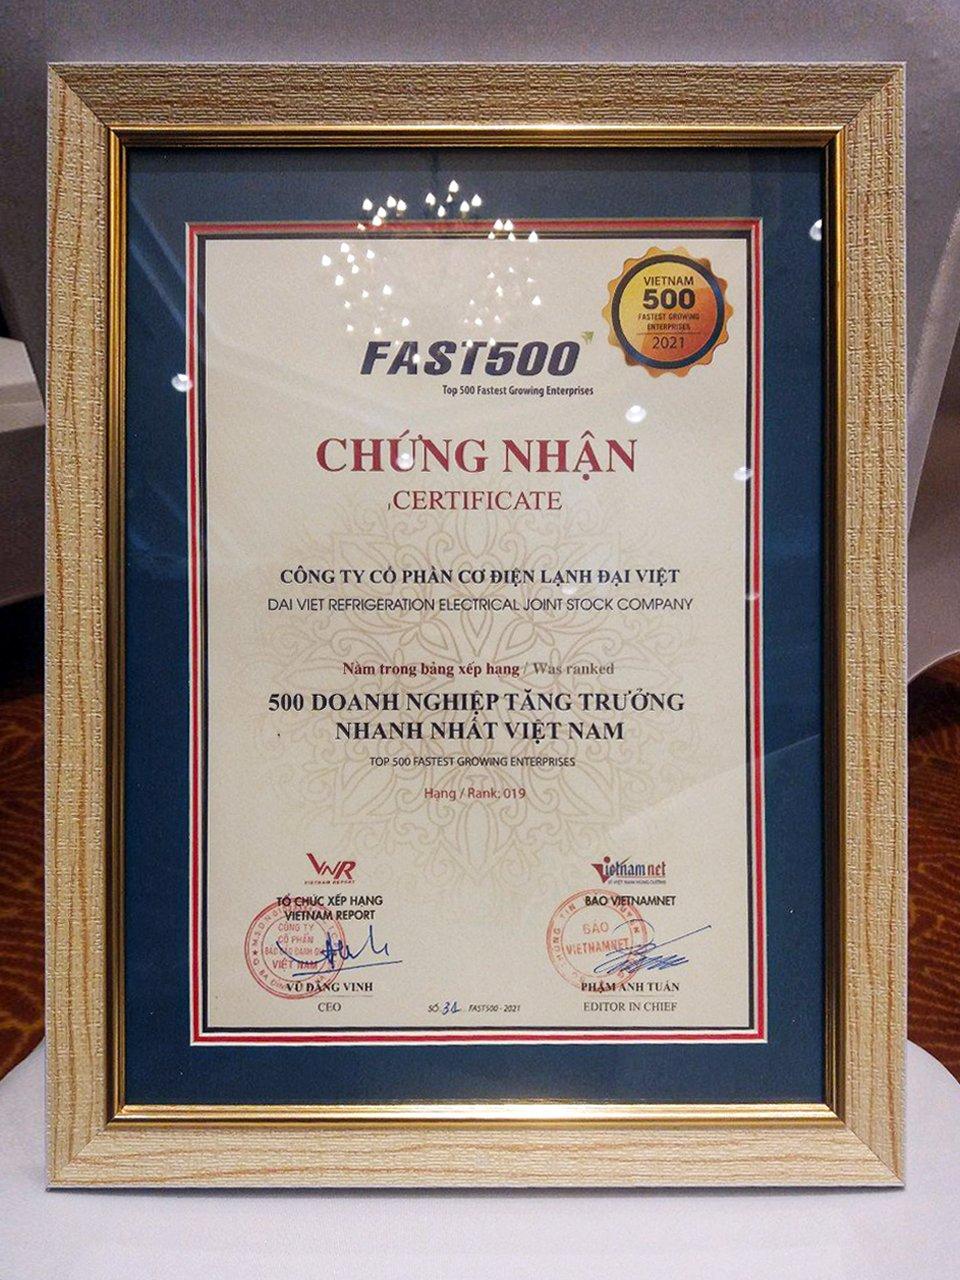 Top 500 Doanh nghiệp tăng trưởng nhanh nhất Việt Nam năm 2021.